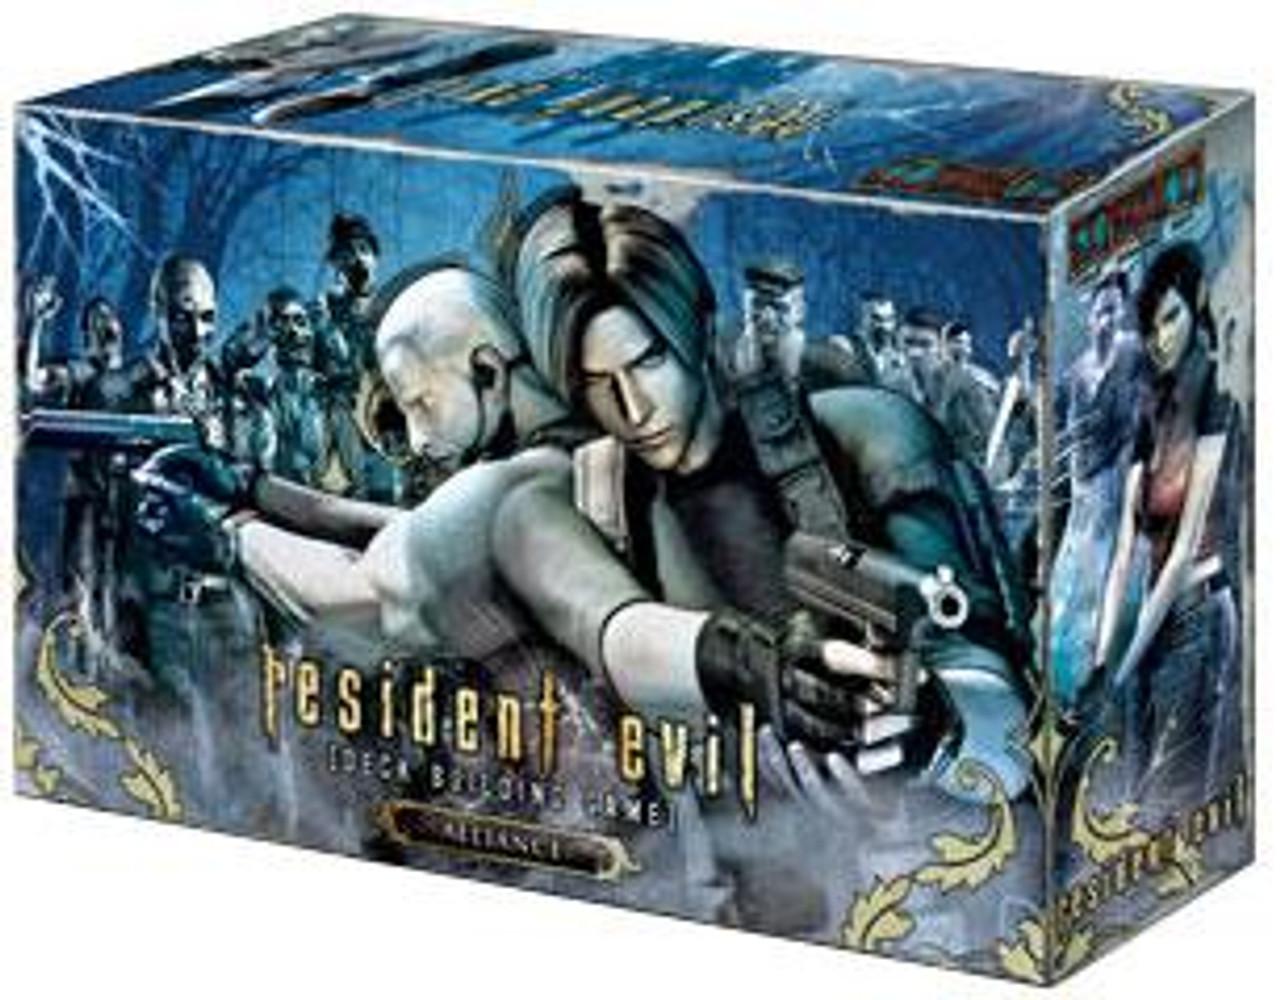 Alliance Base Set Resident Evil Deck Building Game [Alliance Base Set]